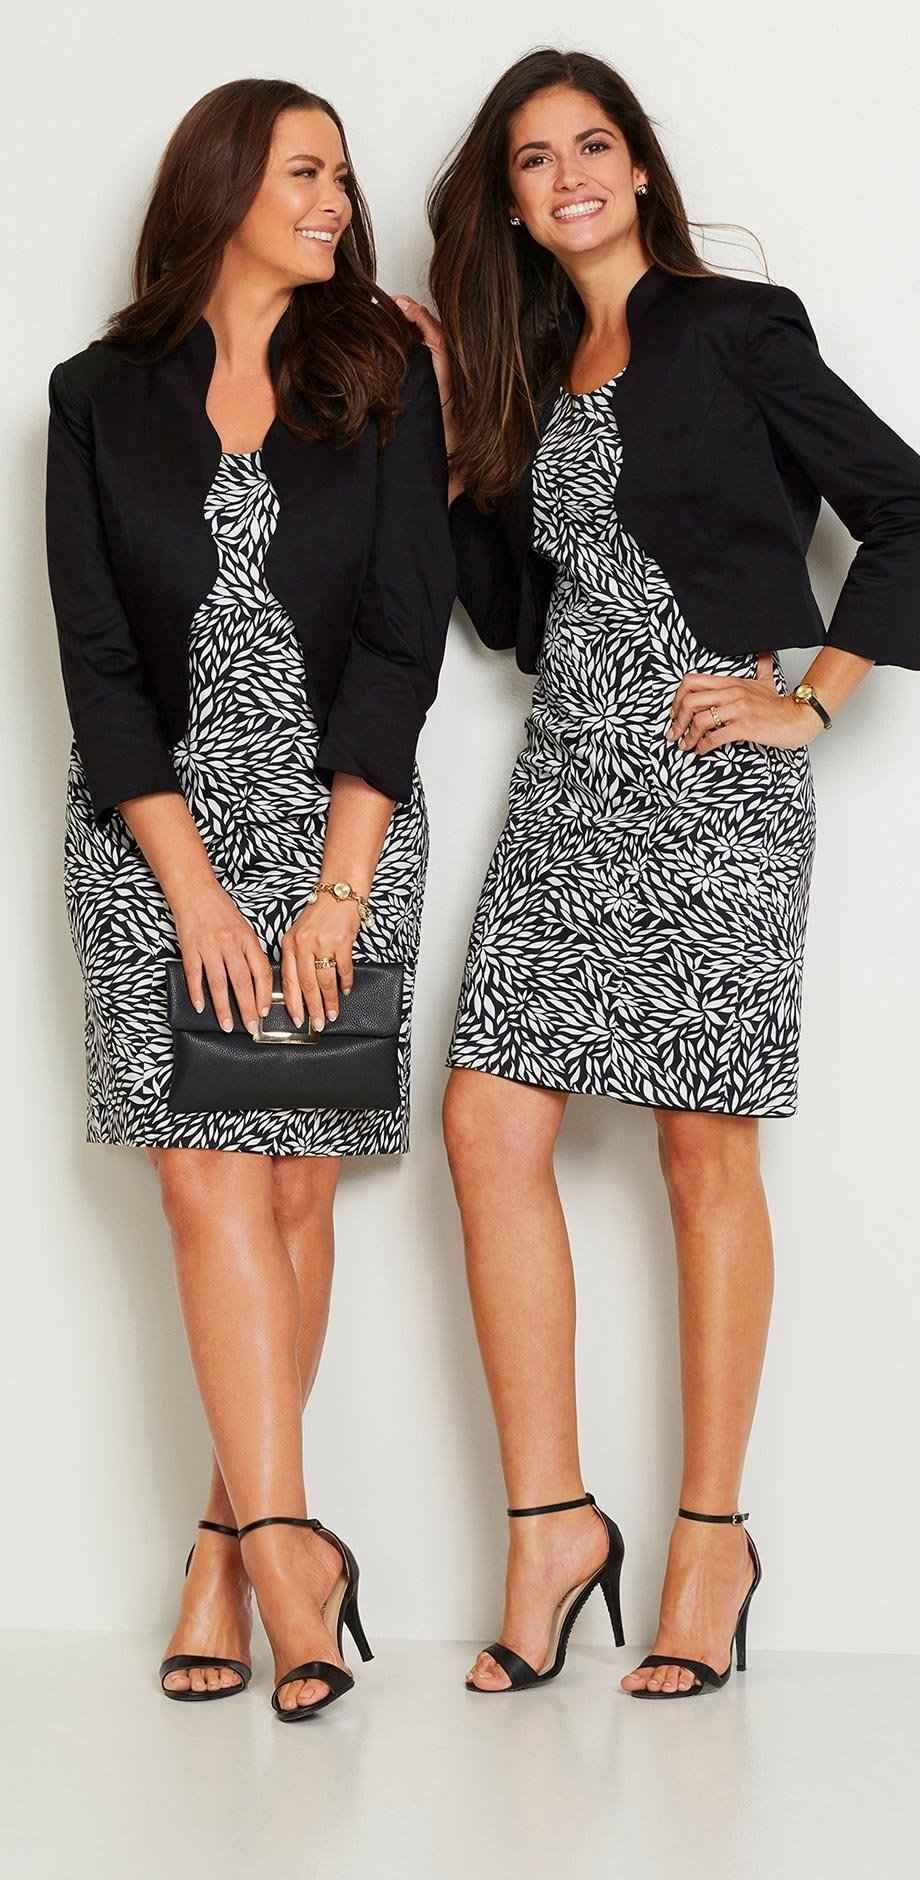 Damen - Große Größen - Mode - Kleider  Kleider damen